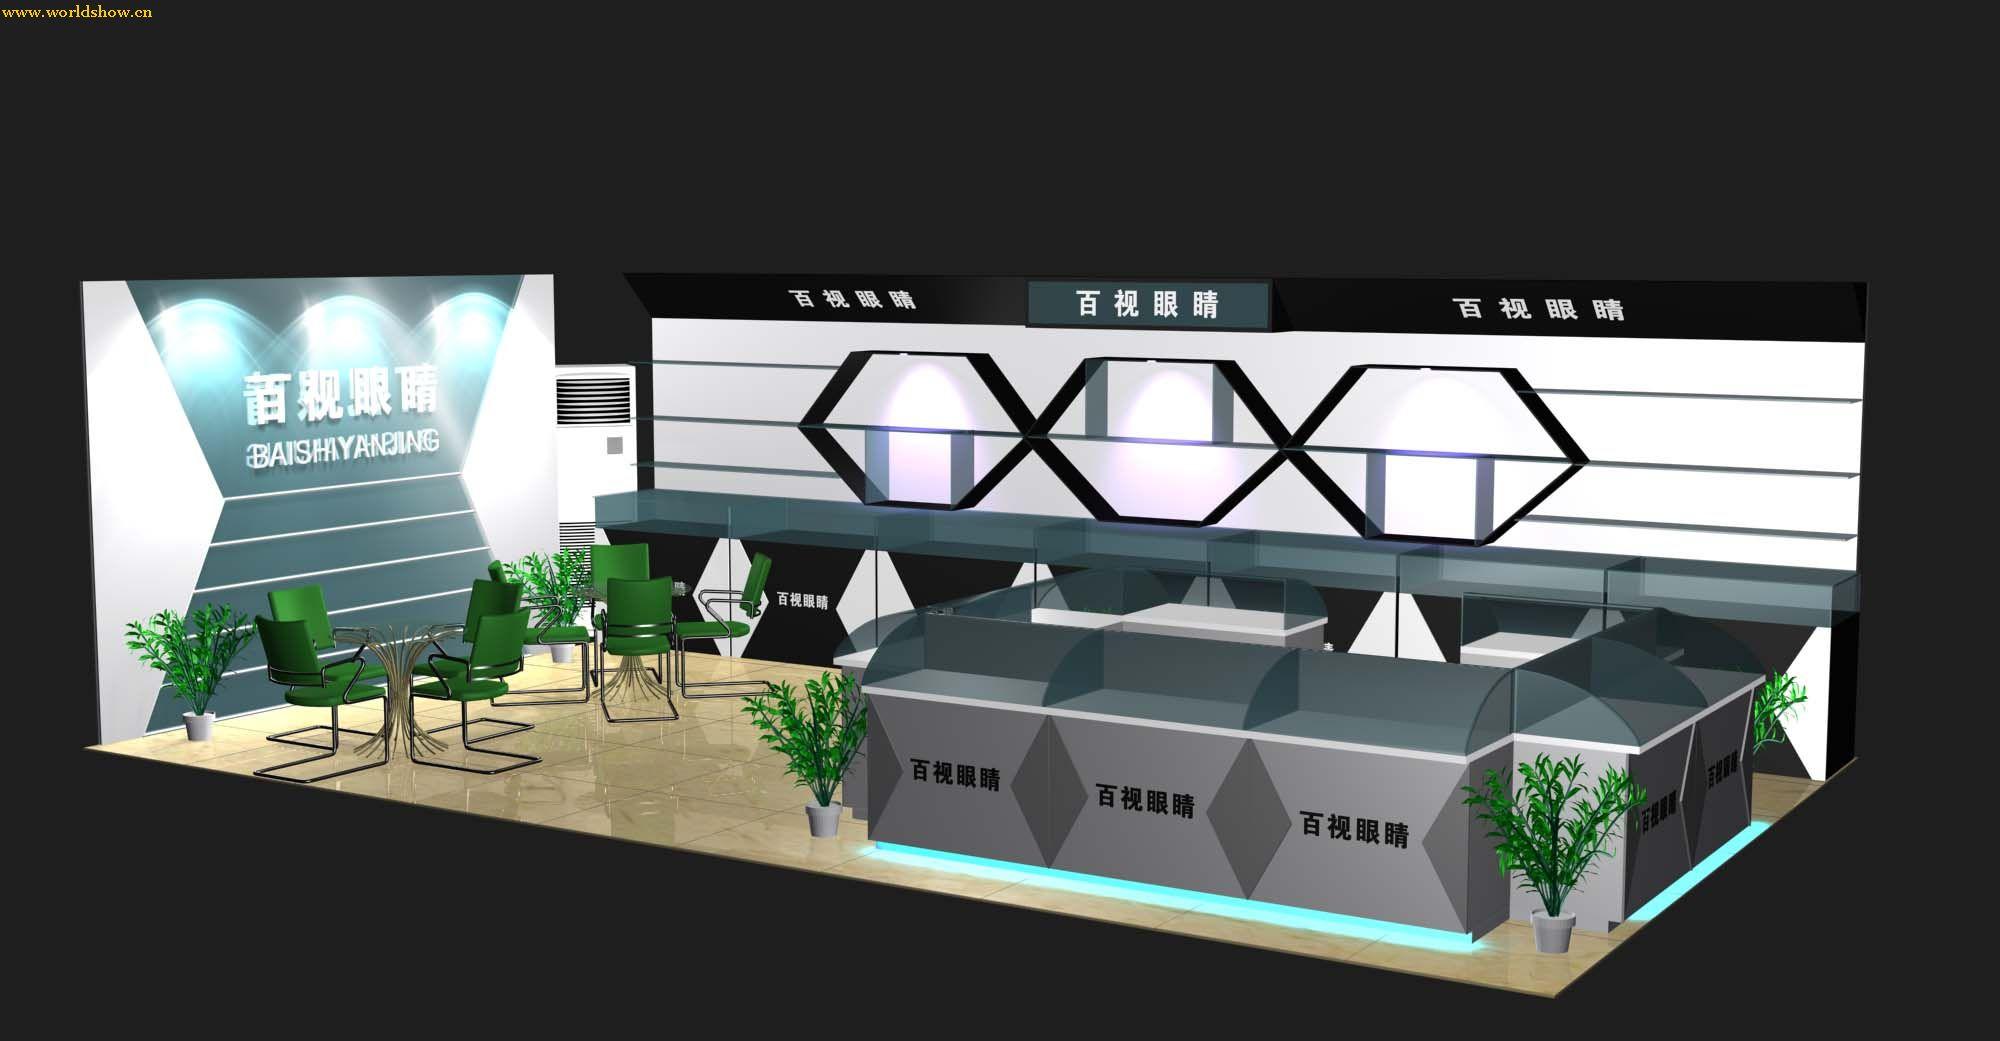 碧水云天展台展位设计作品欣赏 - 中国展览设计